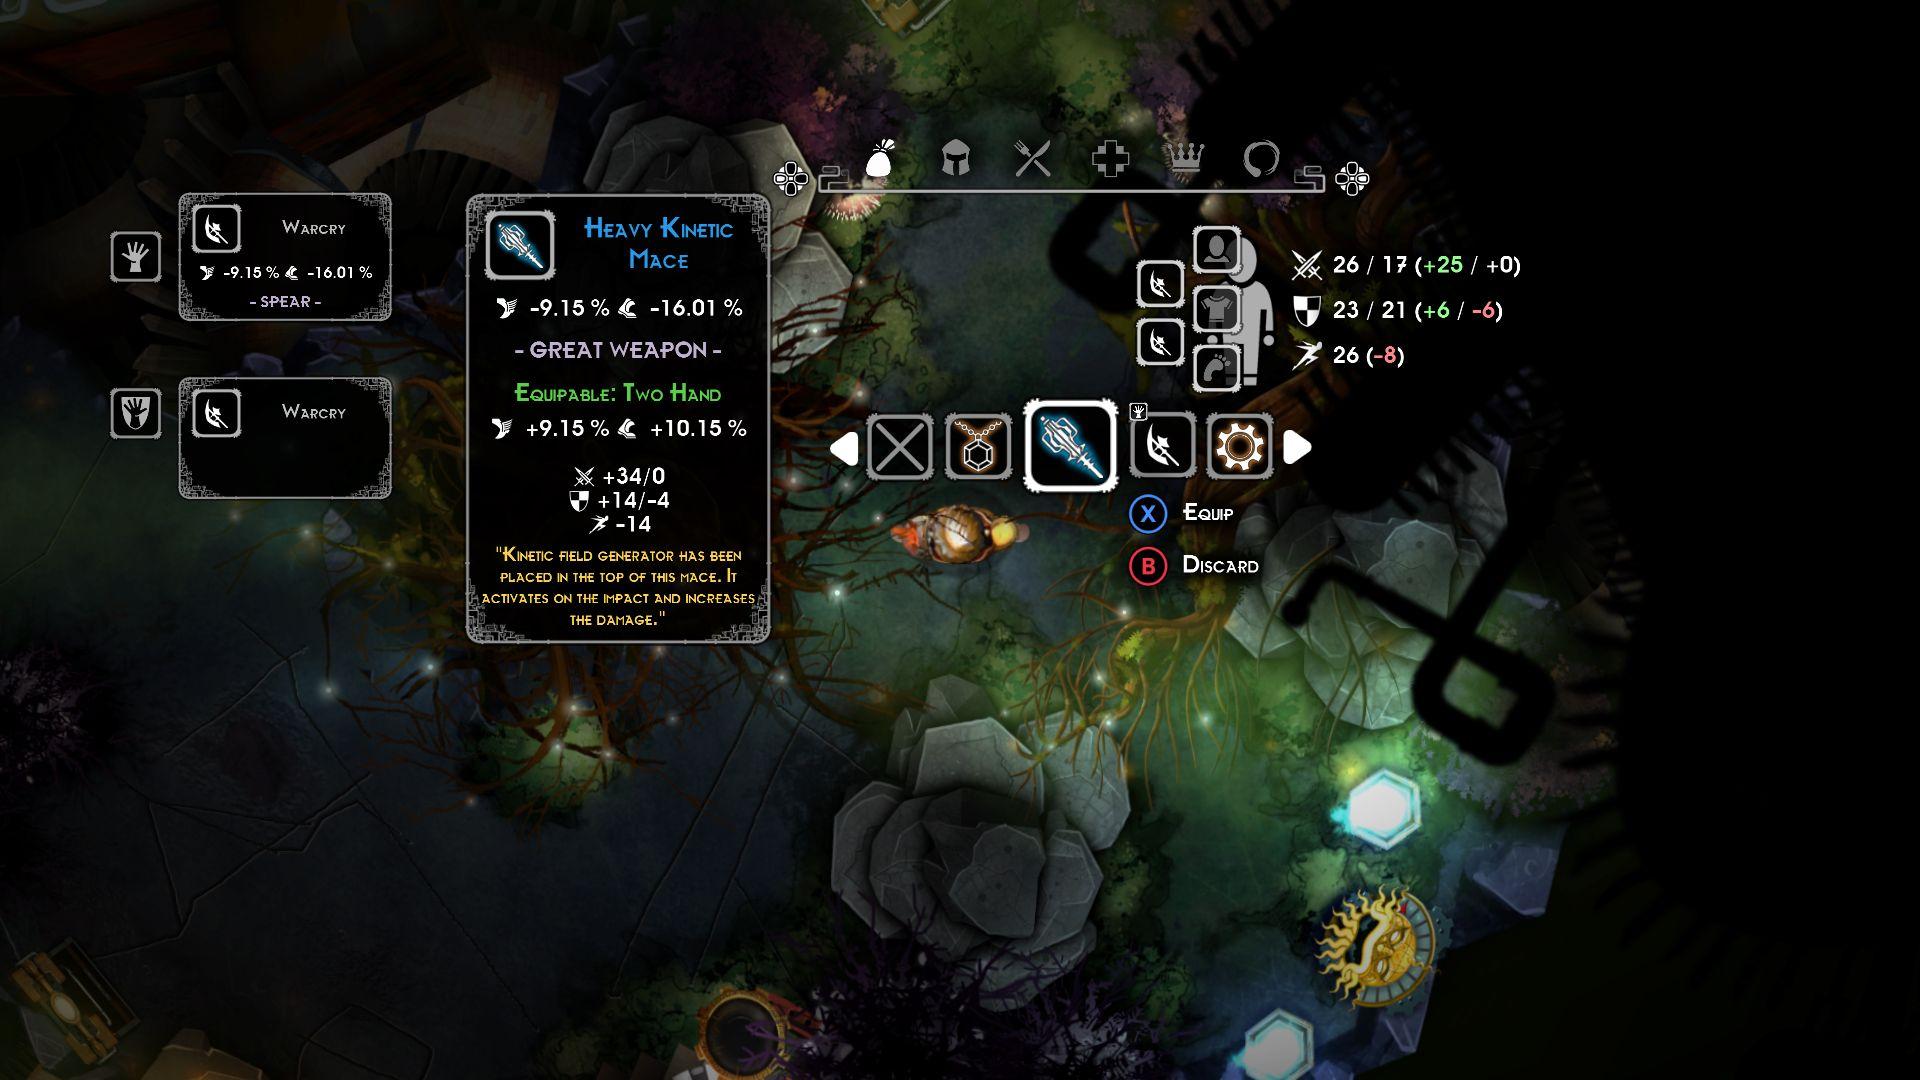 com.steam.530930-screenshot